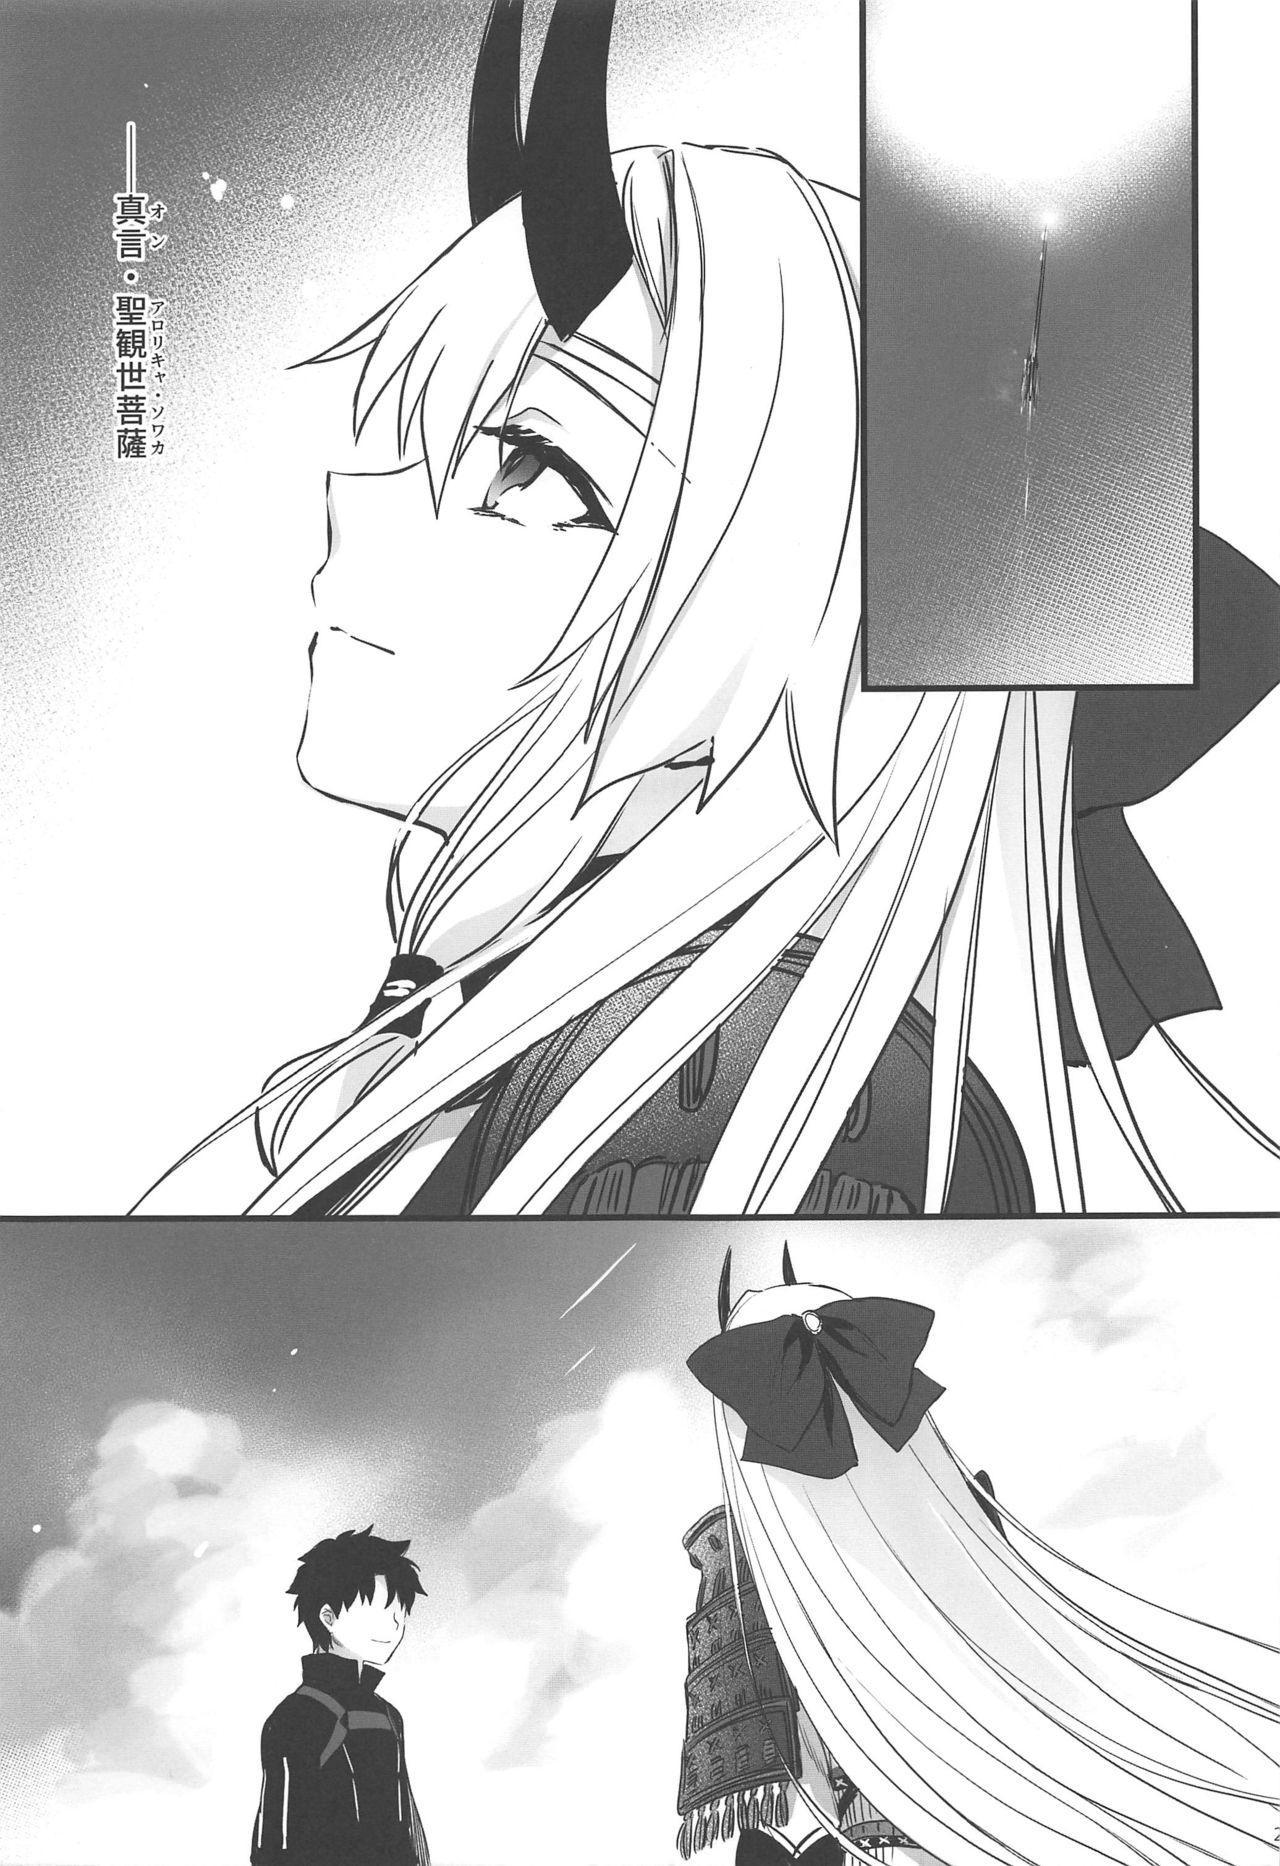 Tou ni Negai Tsukushita Hazu nanoni 27